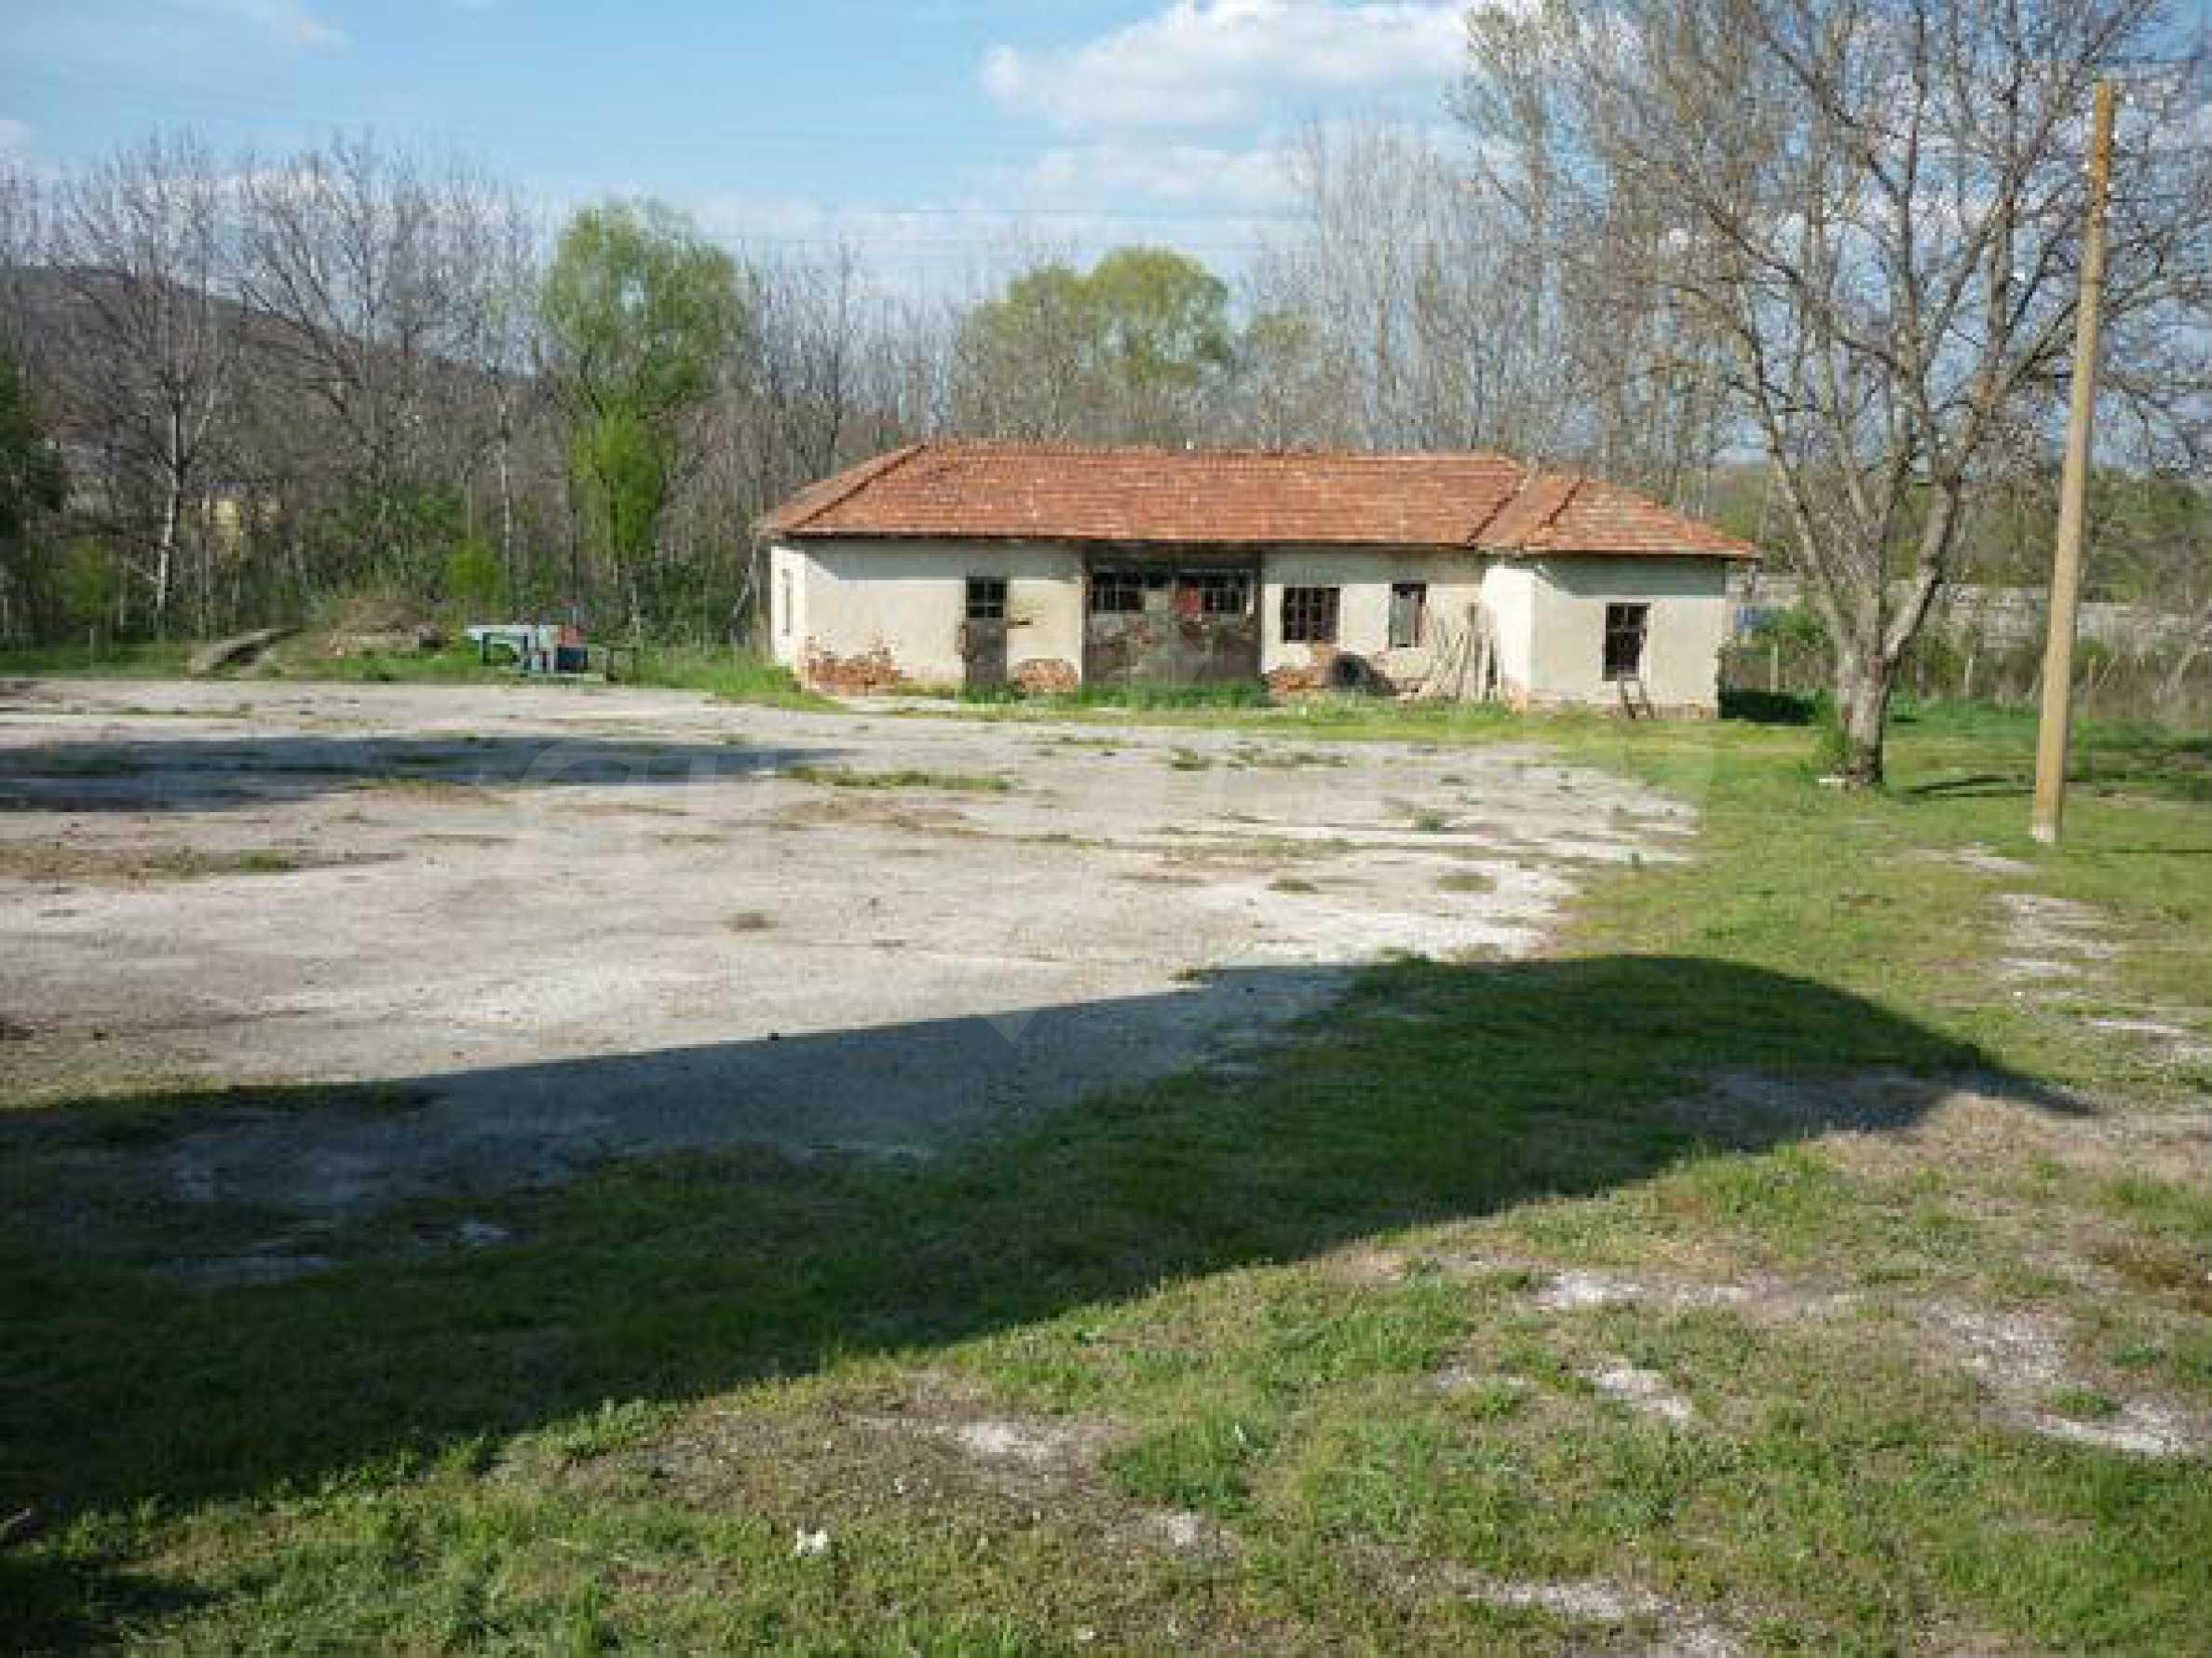 Industriegelände in einem Dorf 6 km von der Stadt Lovech entfernt 5